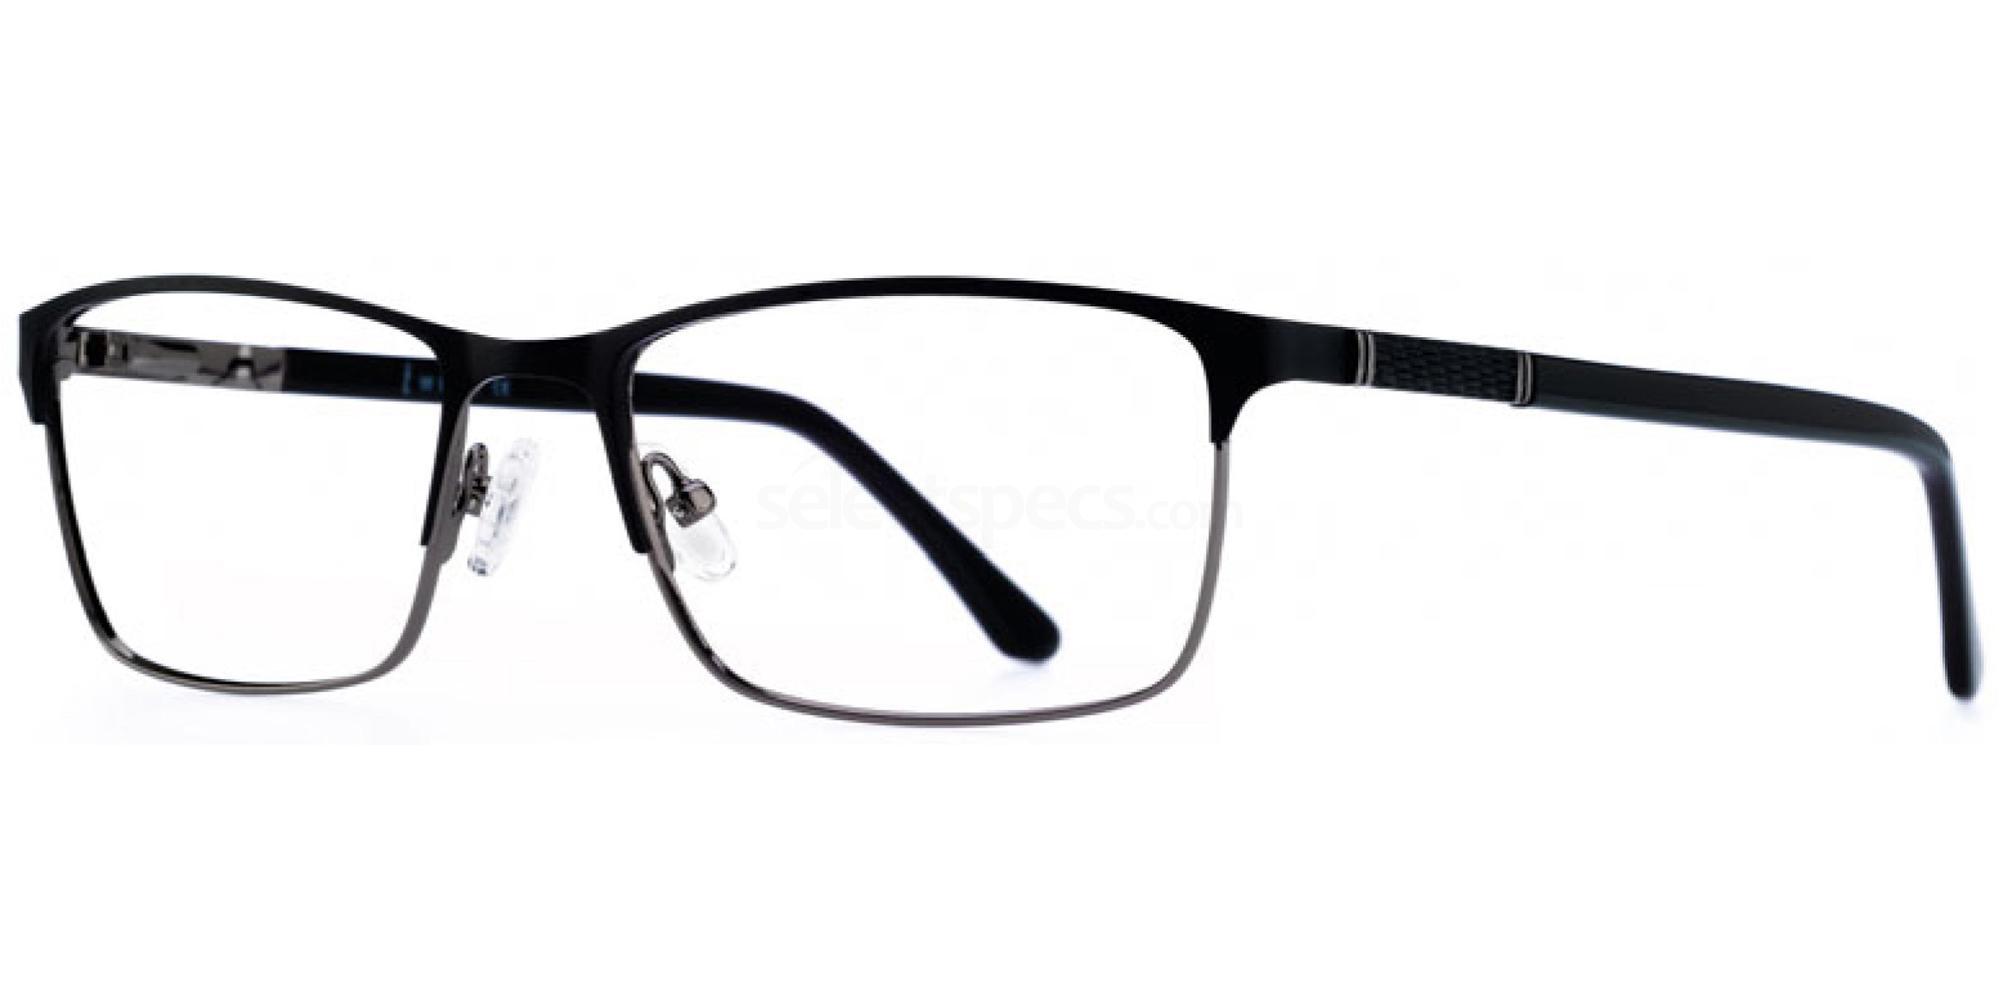 C1 i Wear 6030 Glasses, i Wear